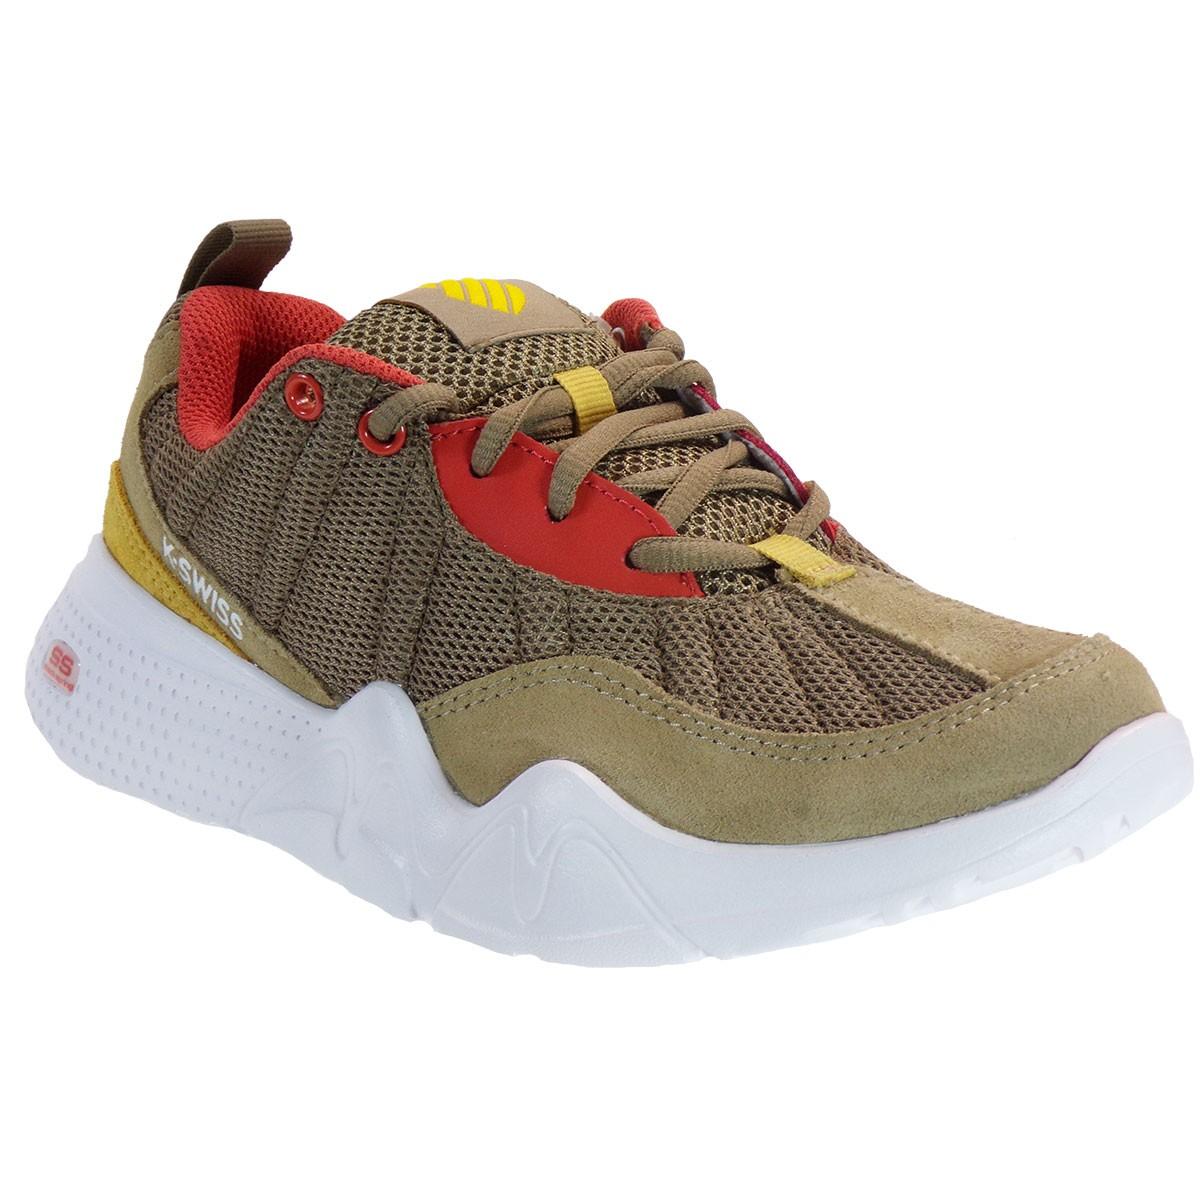 K-SWISS Γυναικεία Παπούτσια Sneakers 96155-252 Λαδί 868291832